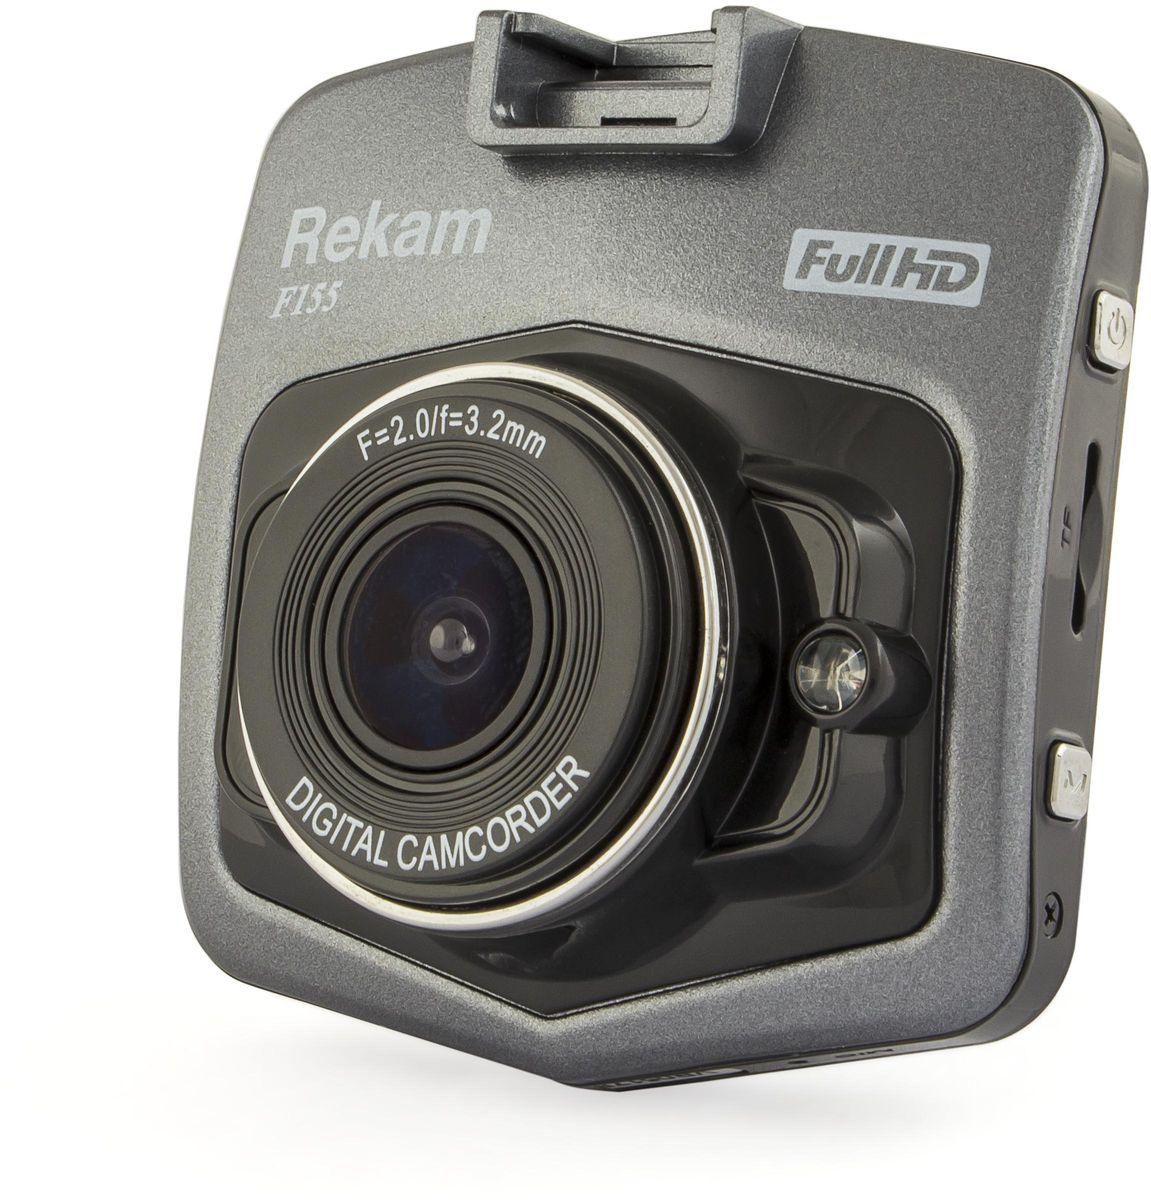 """Rekam F155, Black видеорегистратор2603000009На лицевой стороне автомобильного Full HD видеорегистратора с экраном - Rekam F155 - расположен 6-и линзовый объектив. Он имеет угол обзора 140° и диафрагму 2.0, что обеспечивает достойное качество съемки высокого качества, как в Full HD 30 кадров/сек, так и в HD разрешении при различных условиях освещения. Помимо объектива, на лицевой стороне расположен встроенный динамик и IR-светодиод подсветки, обеспечивающий видимость в ночное время. Кроме режима записи видео со звуком, Rekam F155 поддерживает режим съемки фотографий. Для расширения функциональных возможностей видеорегистратор оснастили функцией стабилизации изображения, 3-х осевым G-сенсором, на основе которого были реализованы режим защиты записи при ударе, а также режим """"Парковка"""".Отдельного внимания заслуживает штатное крепление на лобовое стекло. Оно отличается простым креплением самого видеорегистратора, возможностью поворачивать его на 360° в горизонтальной плоскости и менять угол наклона. При этом само крепление достаточно компактно, что делает видеорегистратор практически незаметным на лобовом стекле.Помимо всех перечисленных возможностей, автомобильный видеорегистратор Rekam F150 при подключении к компьютеру можно использовать в режиме.Видеорегистратор будет идентифицирован как внешняя WEB-камера при первом подключении, а все необходимые драйвера установятся автоматически."""